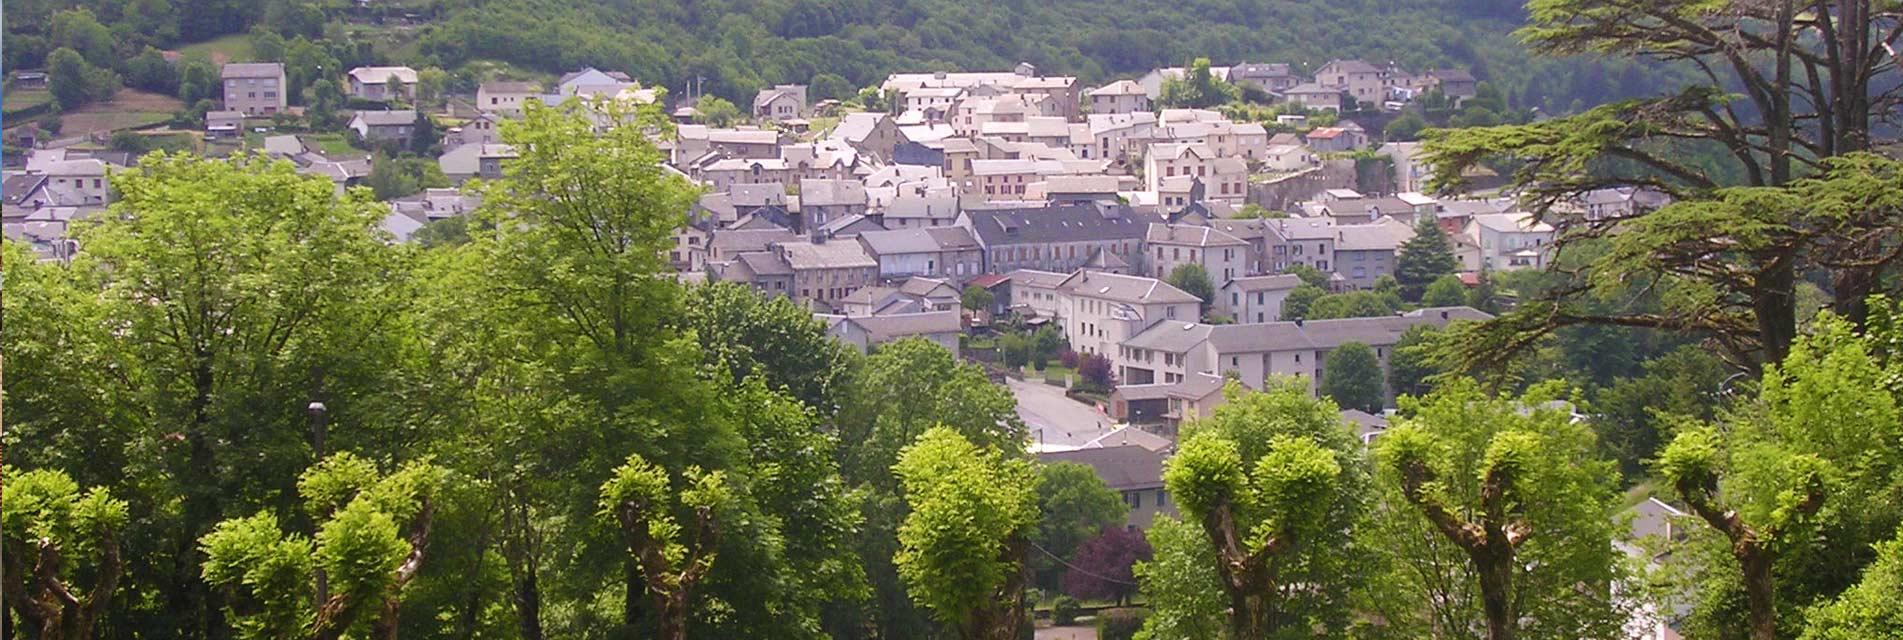 Ville de Lacaune dans le Tarn